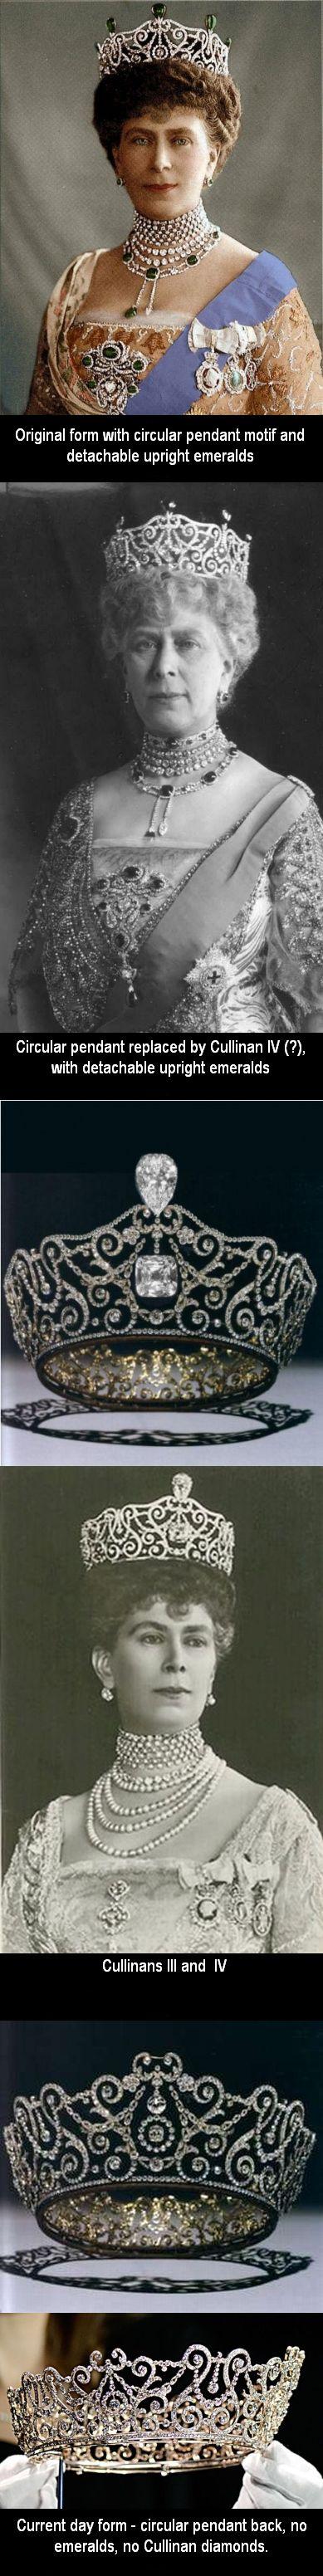 La tiara Delhi Durbar, utilizada sola o con las otras piezas del conjunto por la reina Mary en diferentes ocasiones a lo largo de su vida.